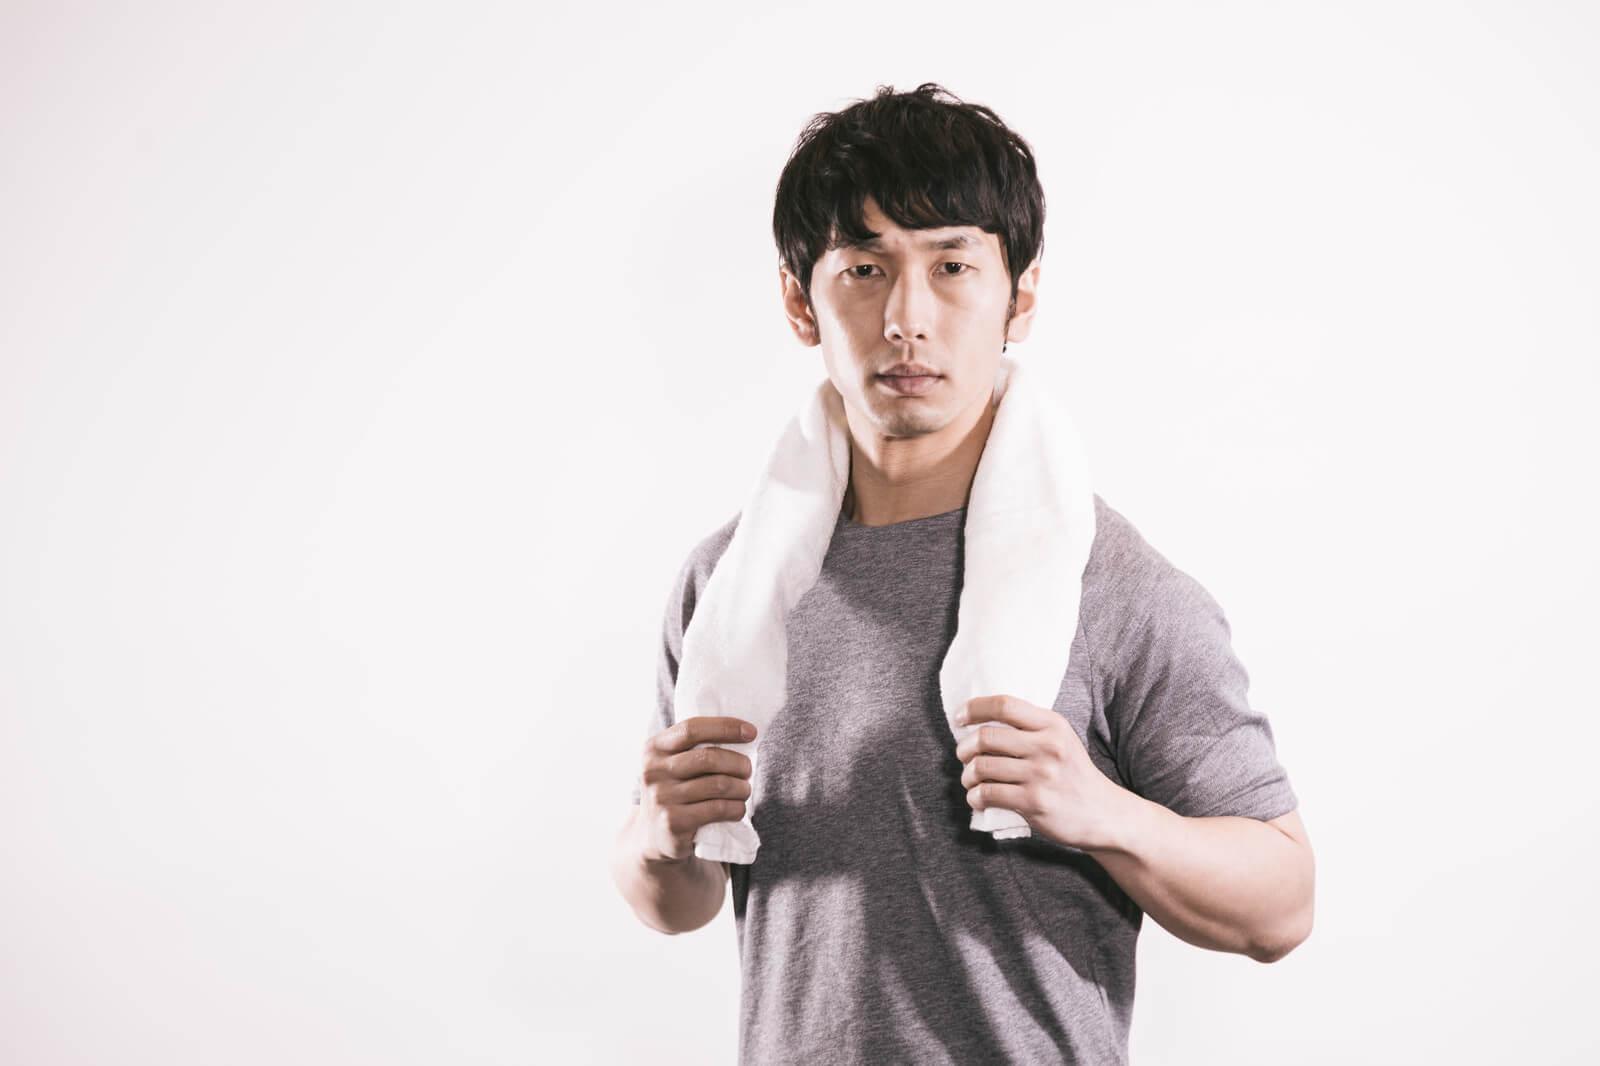 ダイエットコンシェルジュの掲載料金・集客サービス・口コミ評判を解説!